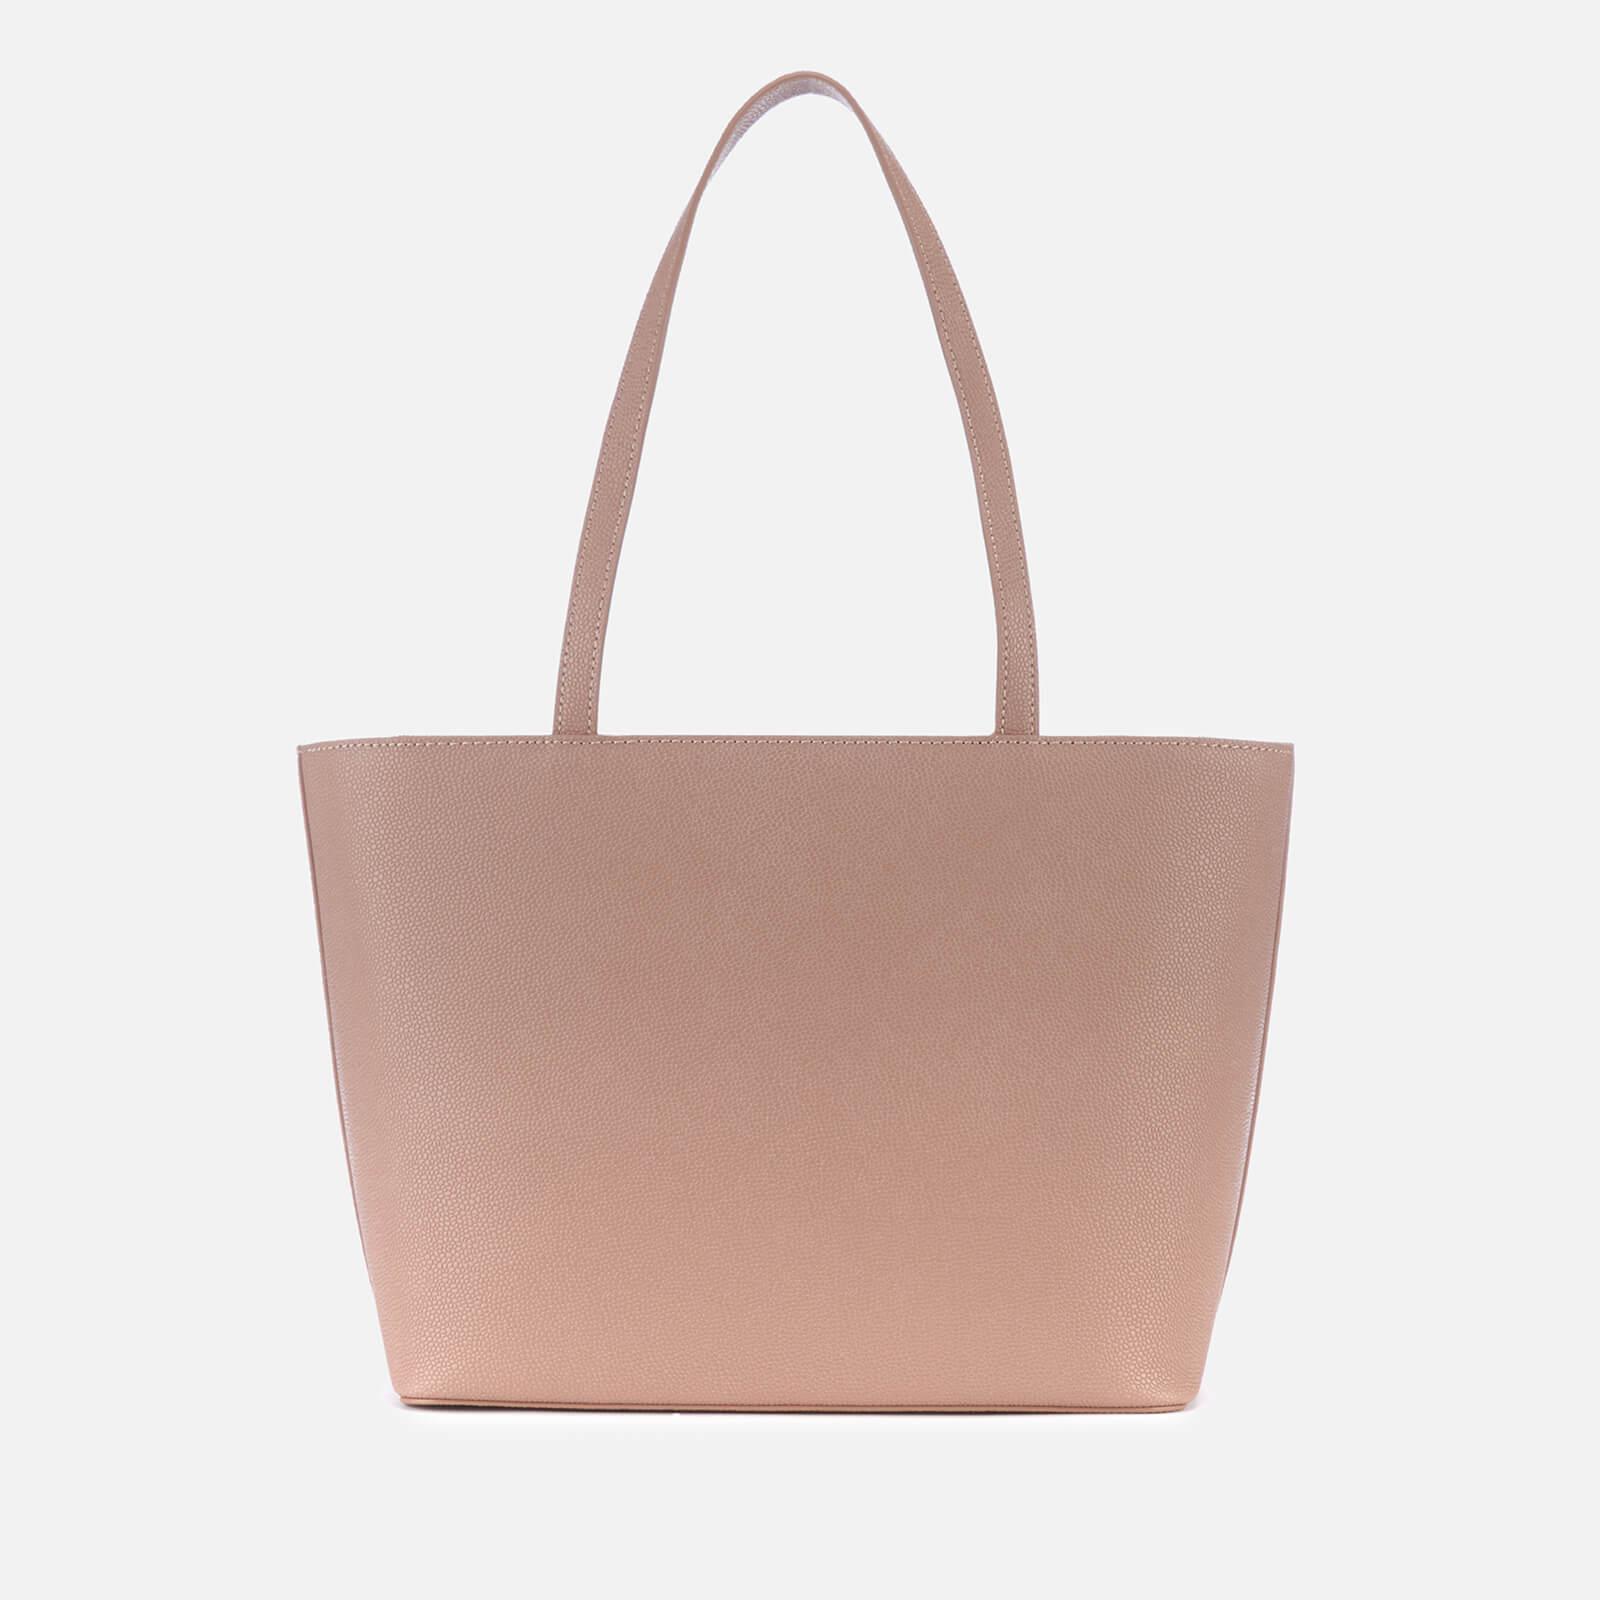 10f7d22f8 Ted Baker - Multicolor Jjesica Bow Detail Shopper Bag - Lyst. View  fullscreen